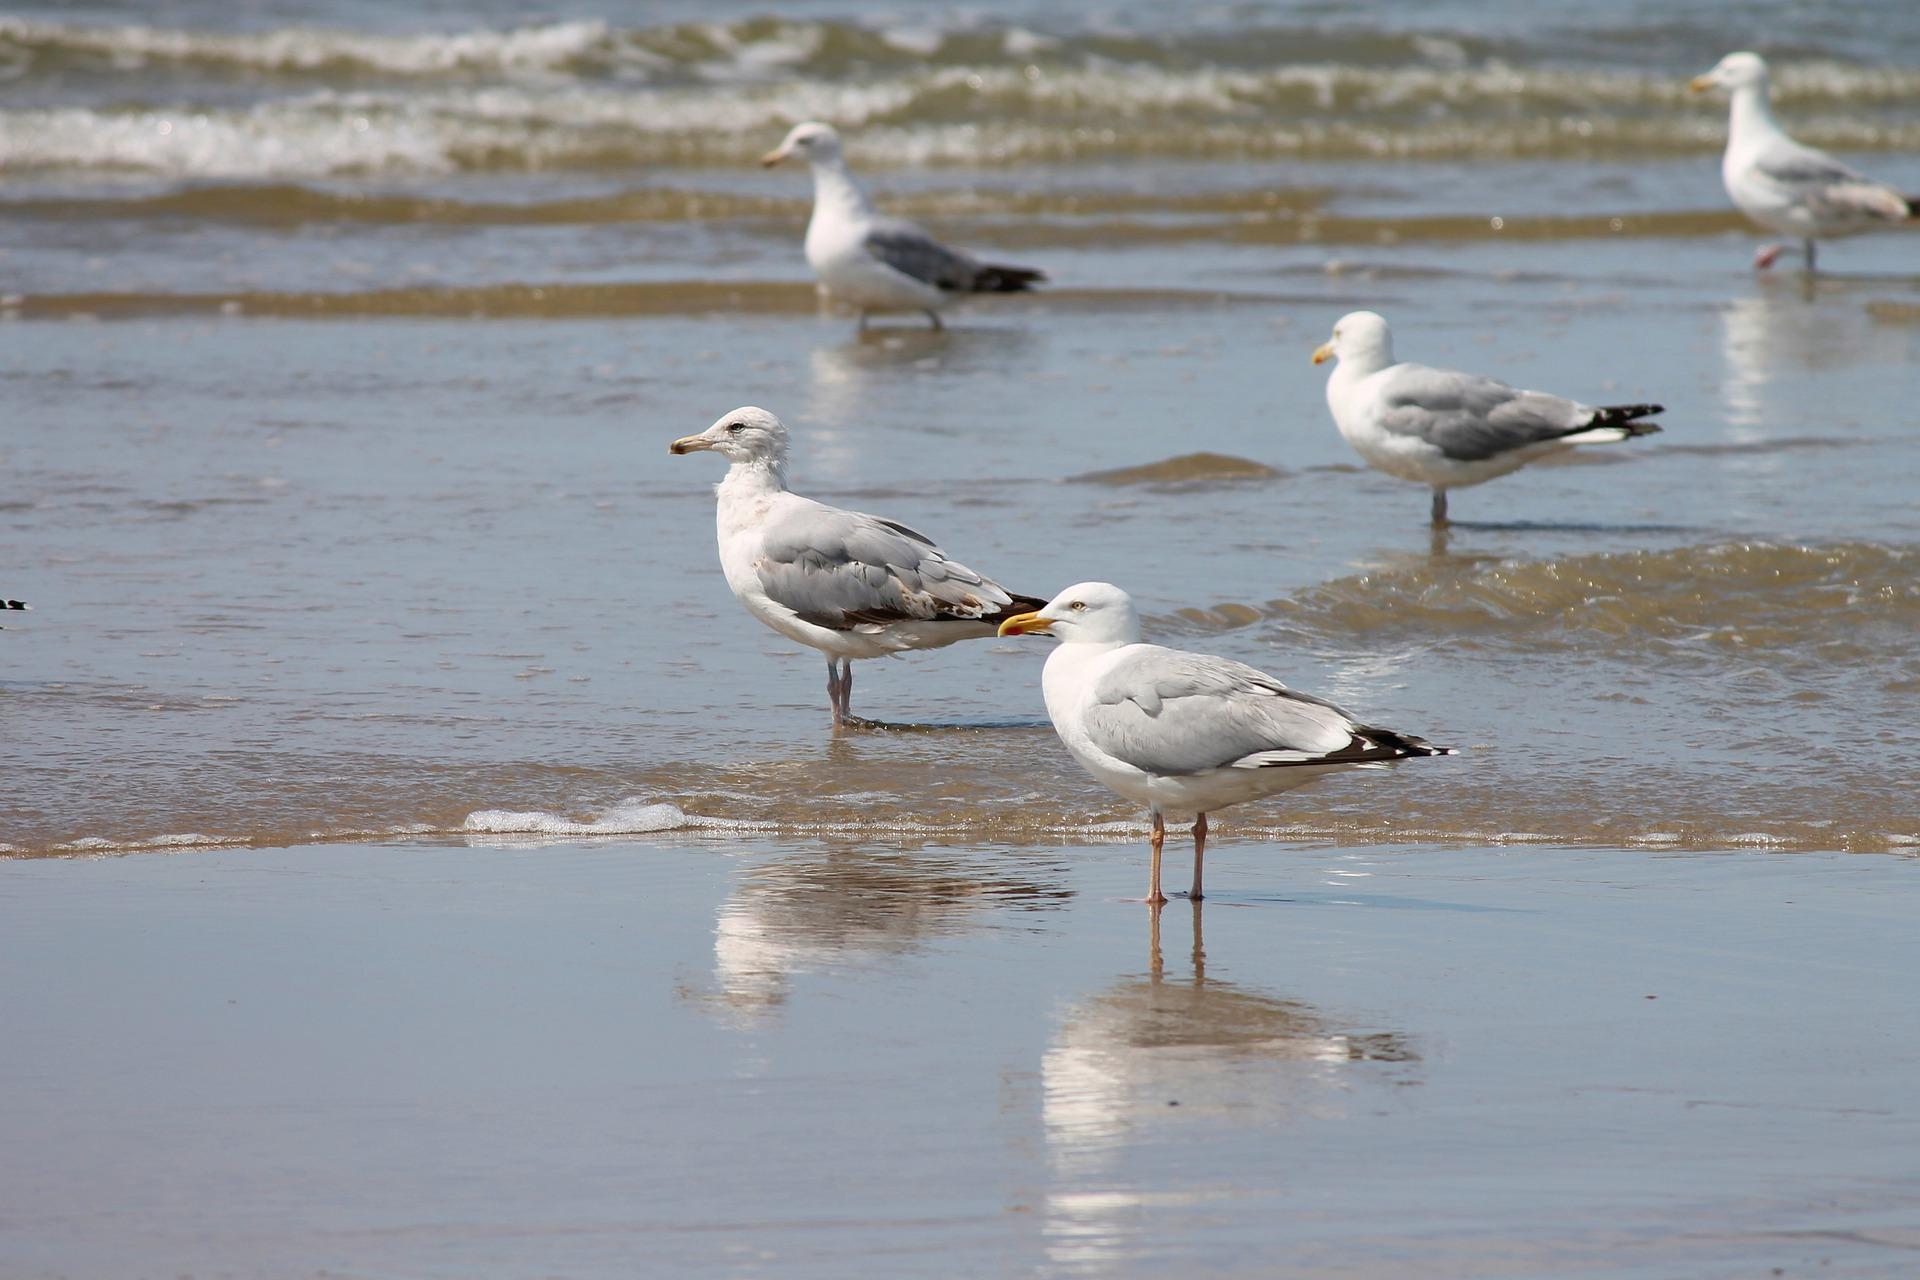 silver-gulls-4335397_1920